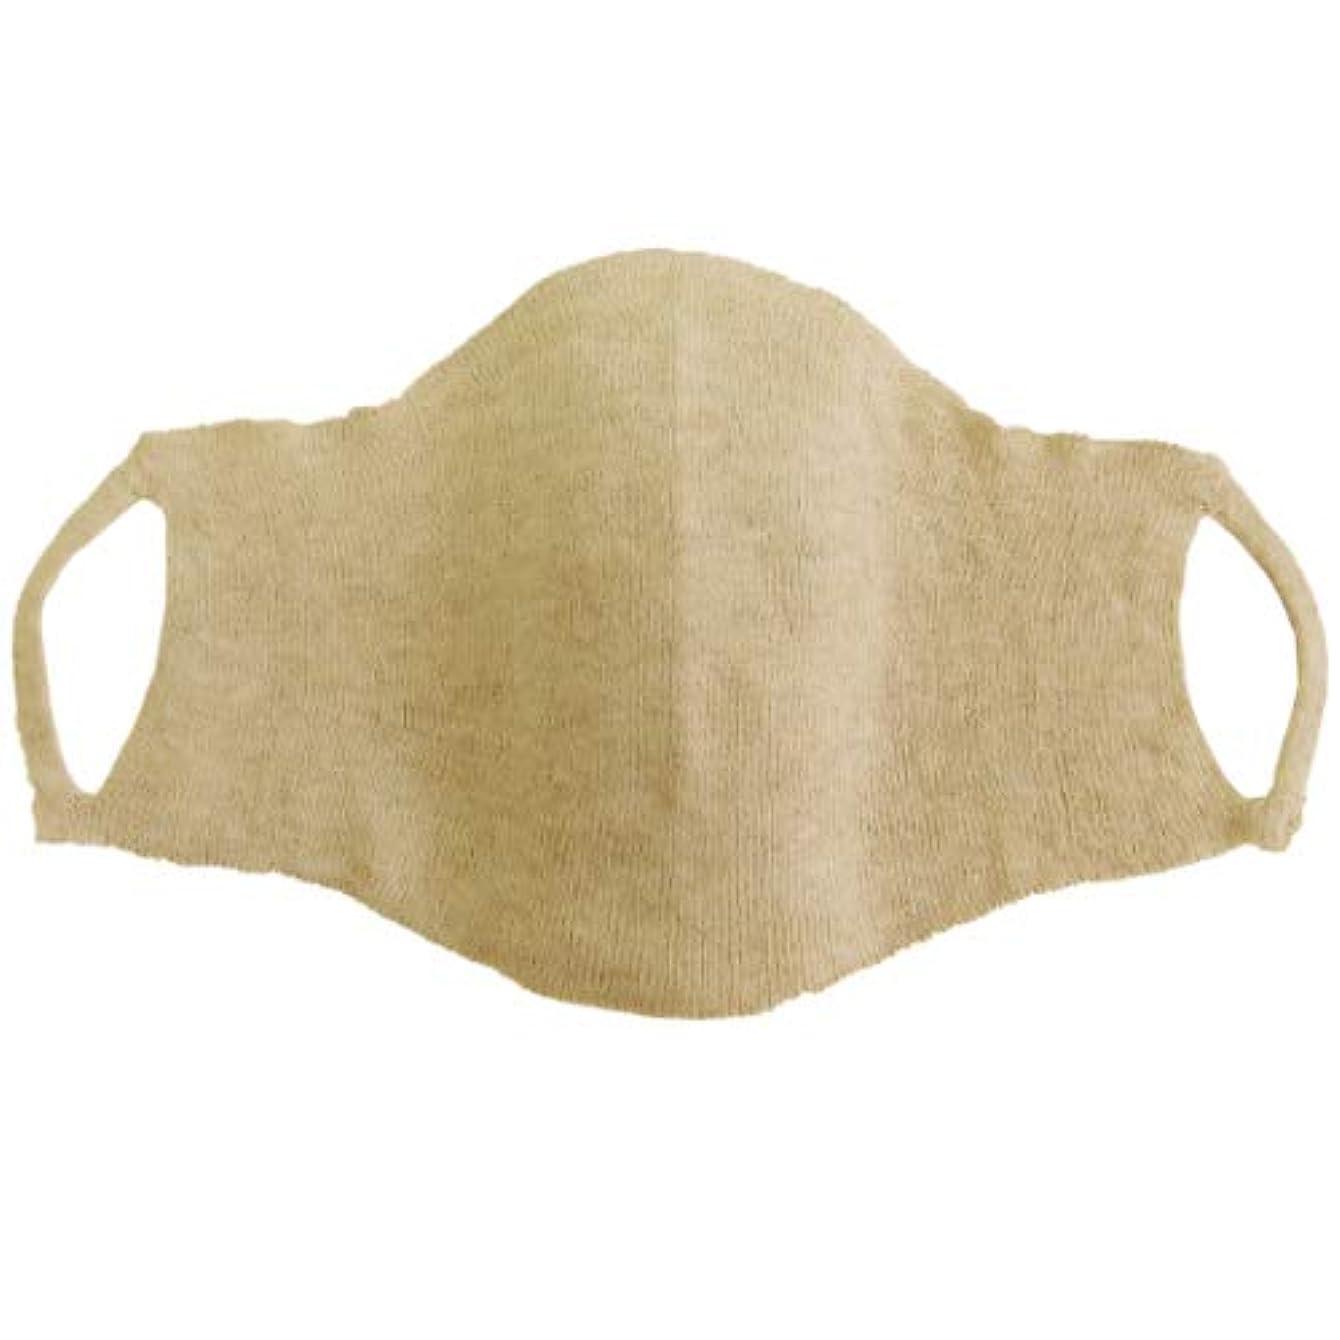 【オーガニックコットン100%】無縫製 保湿 綿100% おやすみマスク ホールガーメント® 日本製 工場直販 セット販売(10枚組) 4046《7241》